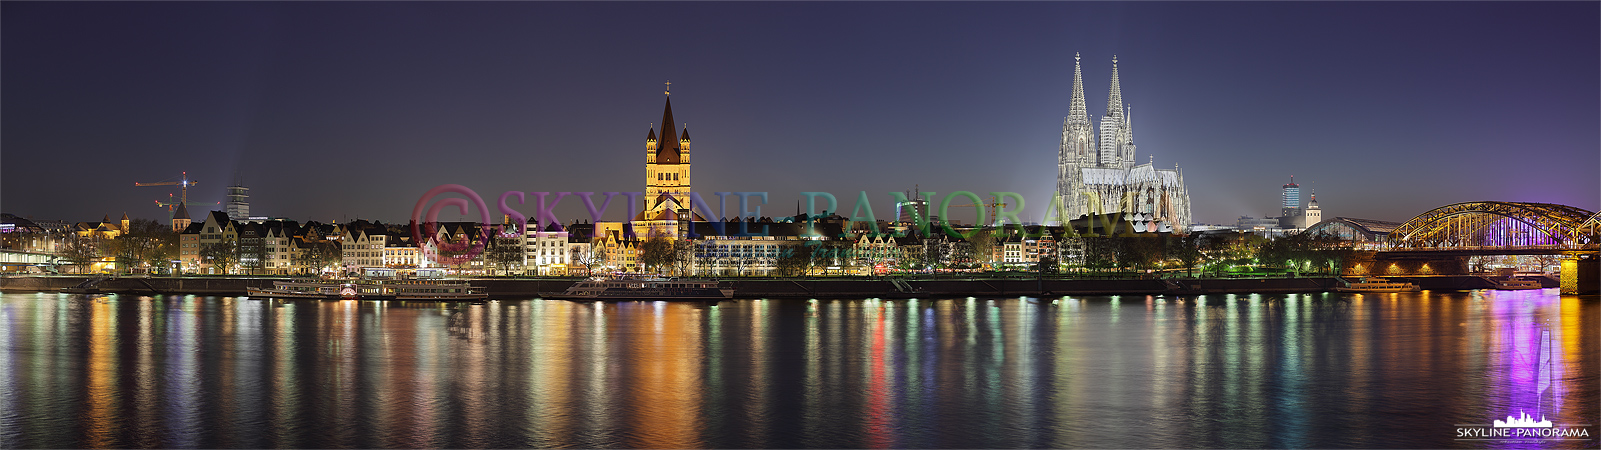 Panorama der abendlichen Kölner Skyline mit dem beleuchteten Kölner Dom und der Kirche Sankt Martin.